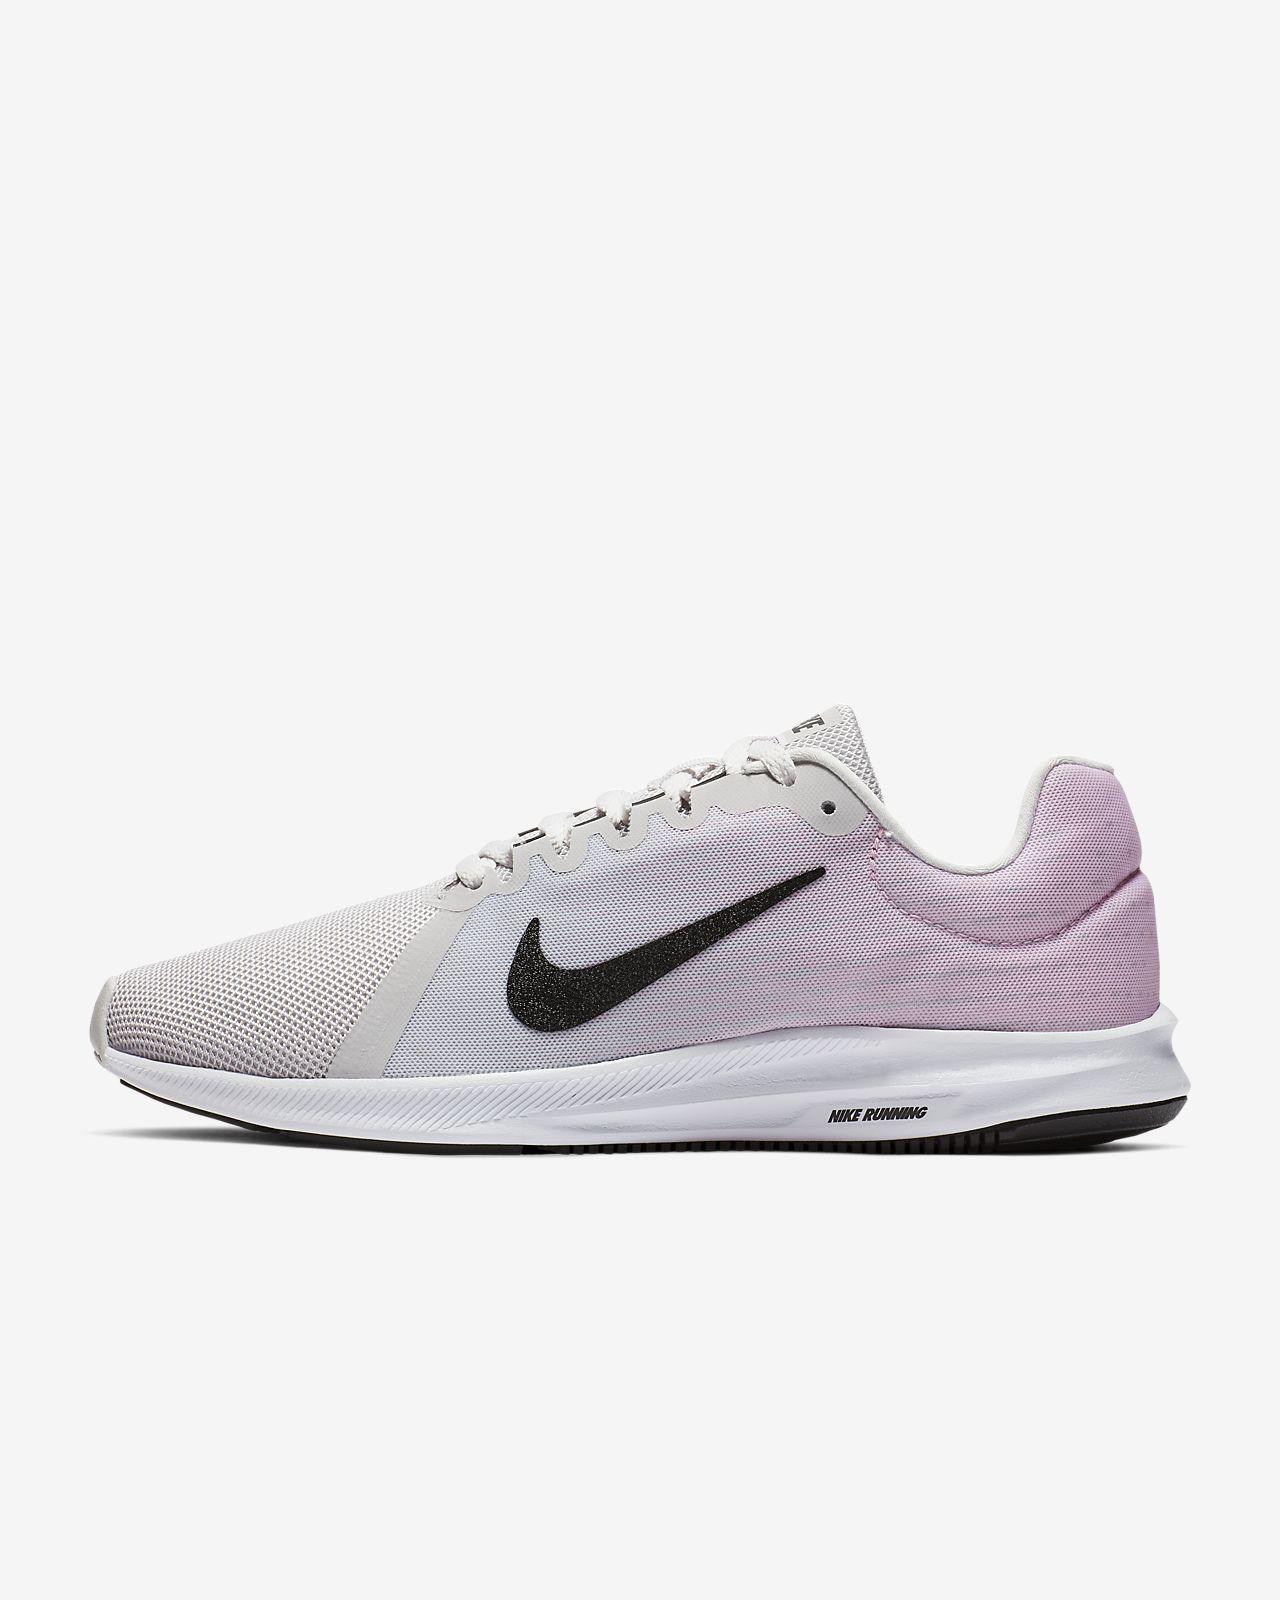 super popular 1a274 14721 ... Nike Downshifter 8 Kadın Koşu Ayakkabısı